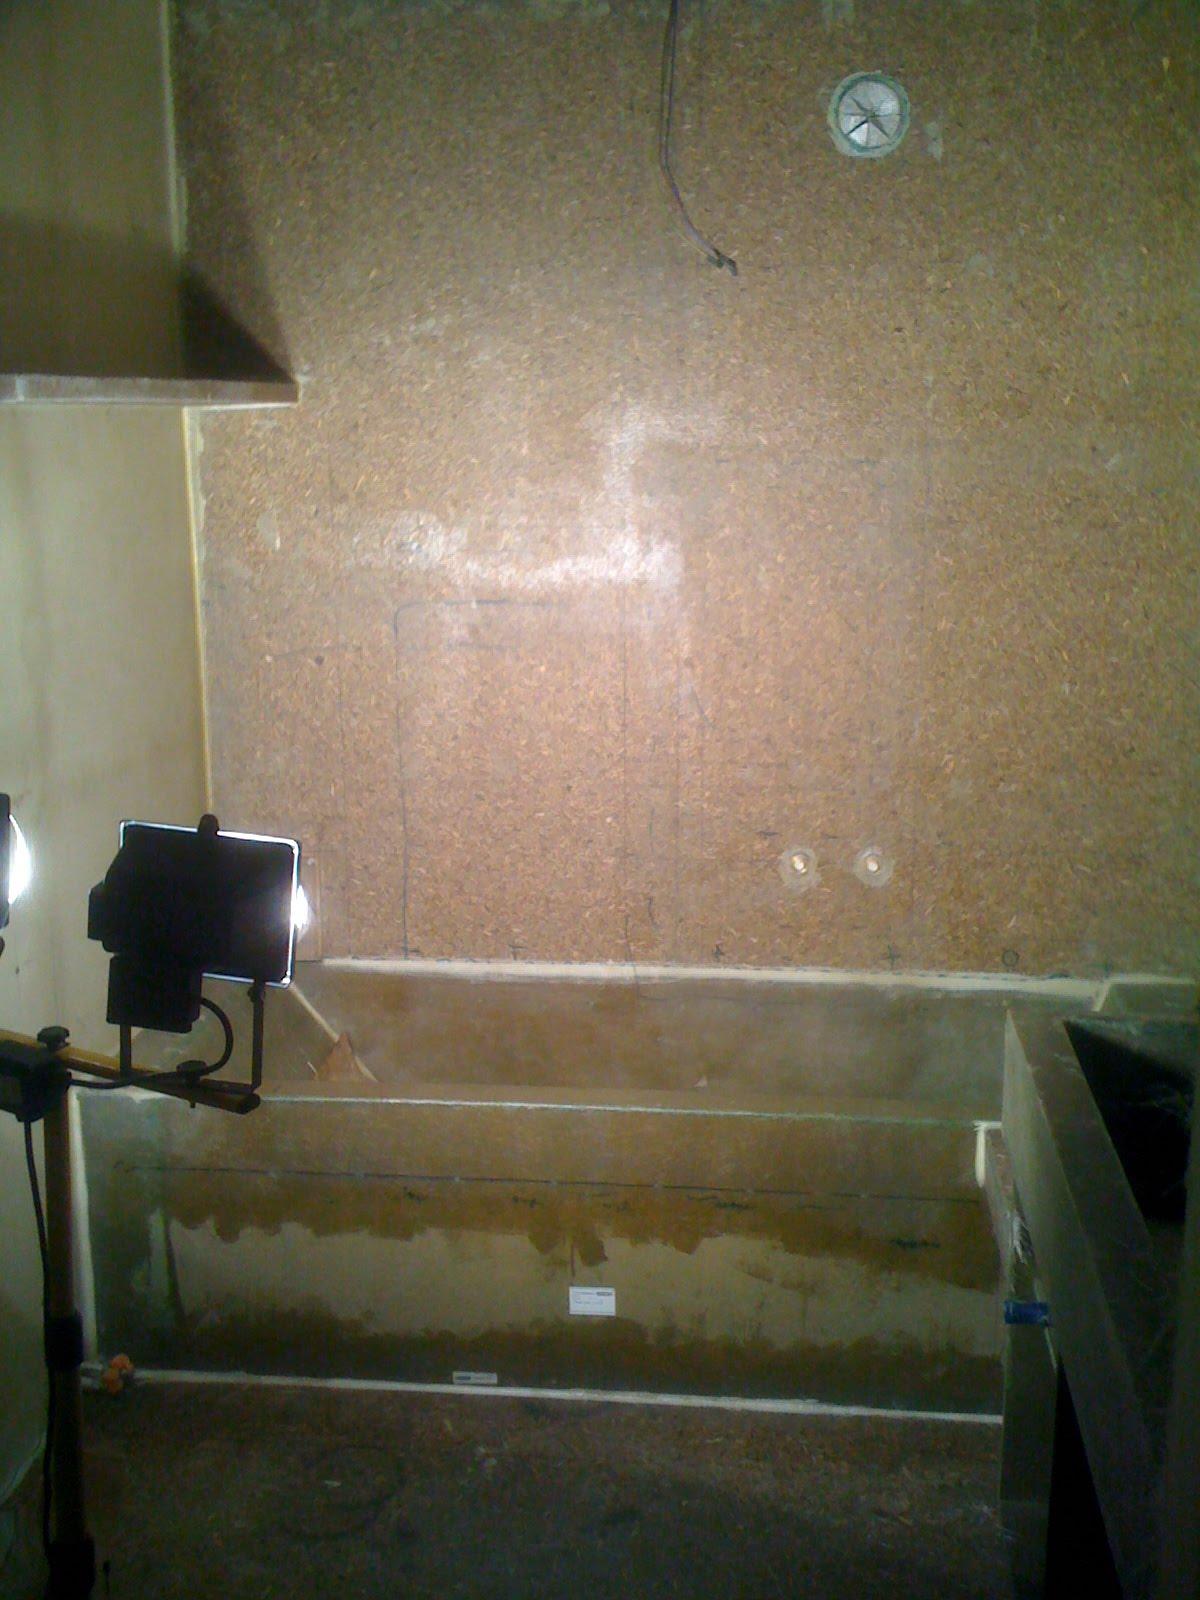 Slaapkamer gordijnen marktplaats ~ [spscents.com]